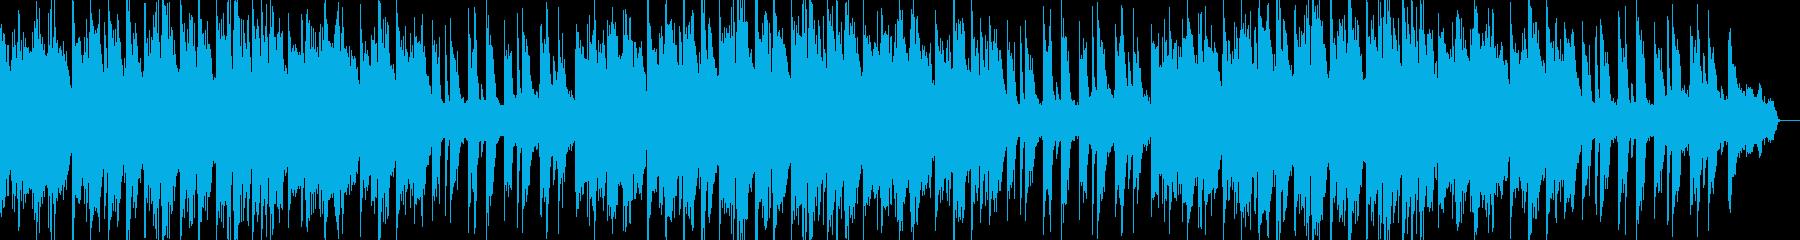 企業VP2 16bit48kHzVerの再生済みの波形